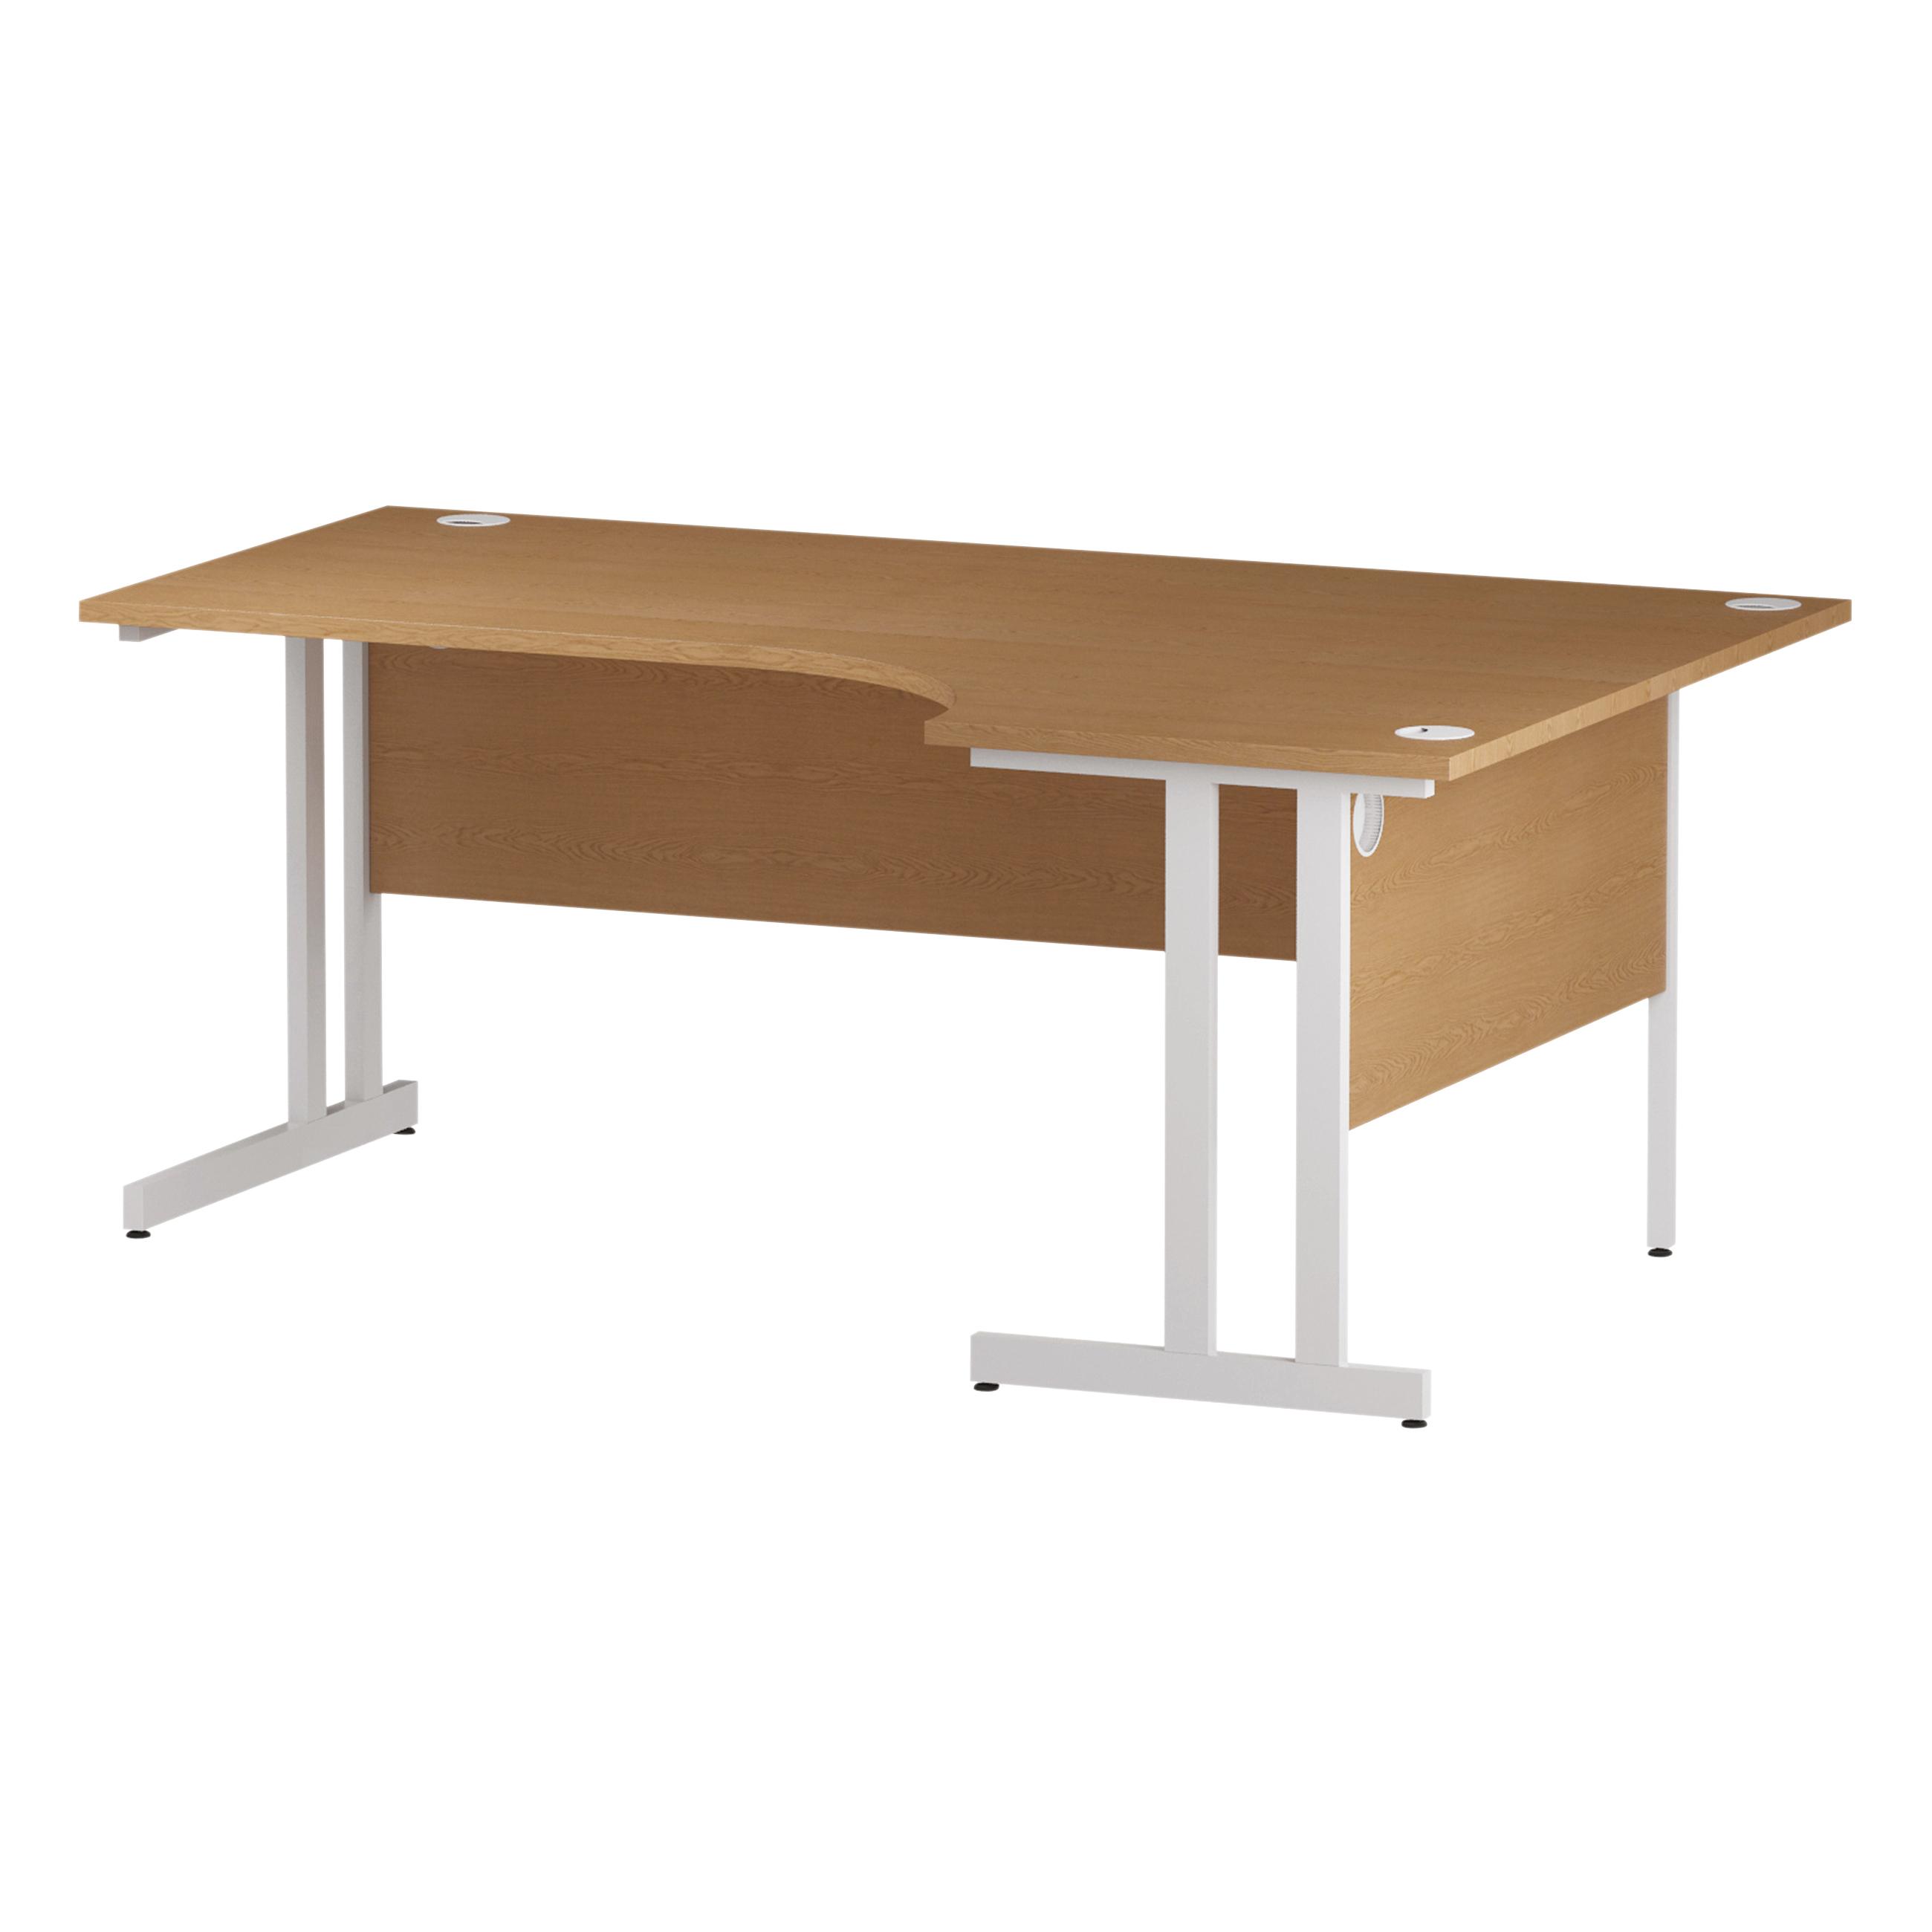 Trexus Radial Desk Right Hand White Cantilever Leg 1800mm Oak Ref I002847